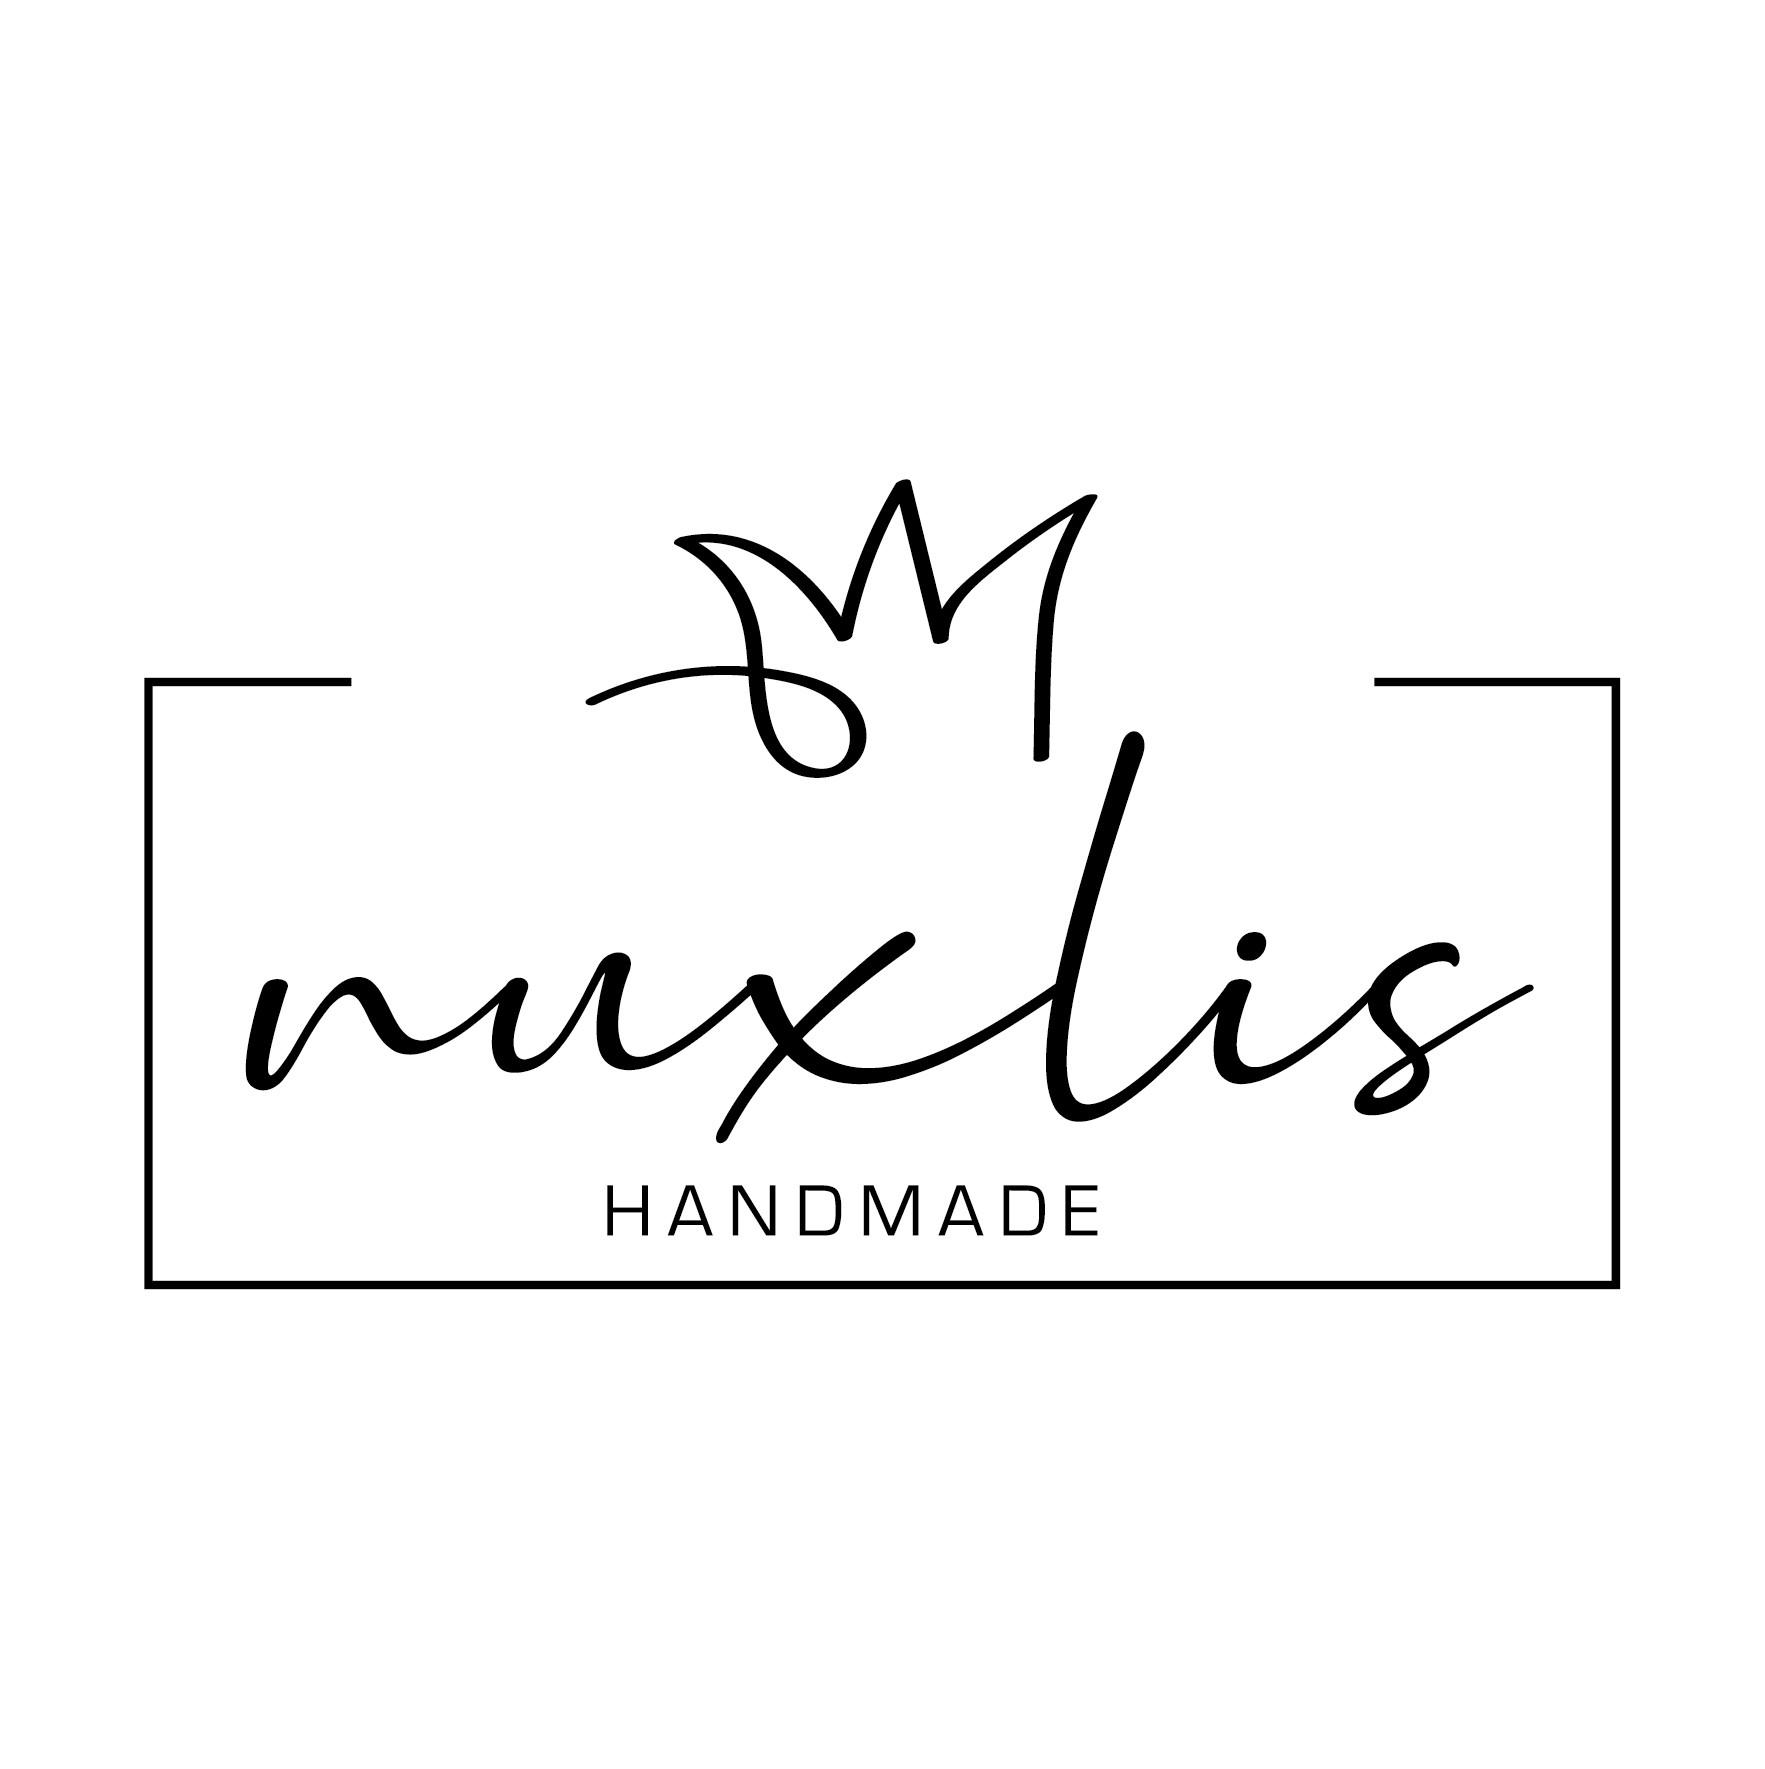 Nuxlis